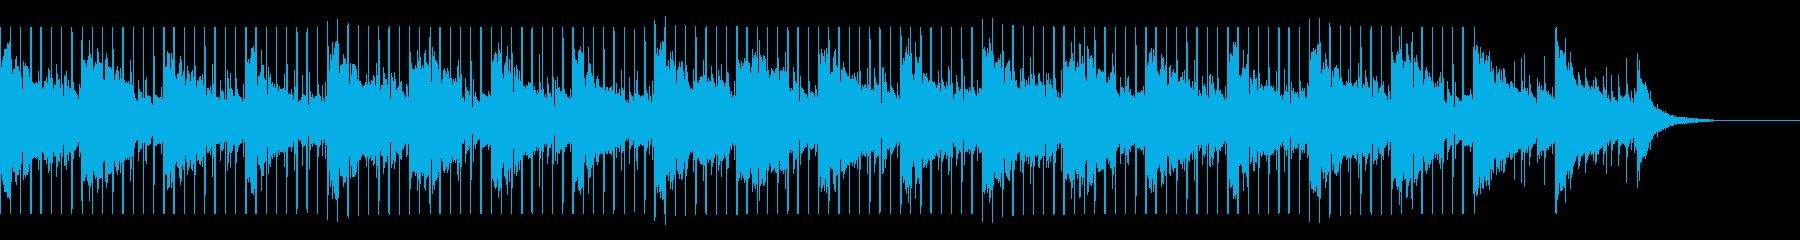 ラウンジ まったり アンビエントミ...の再生済みの波形